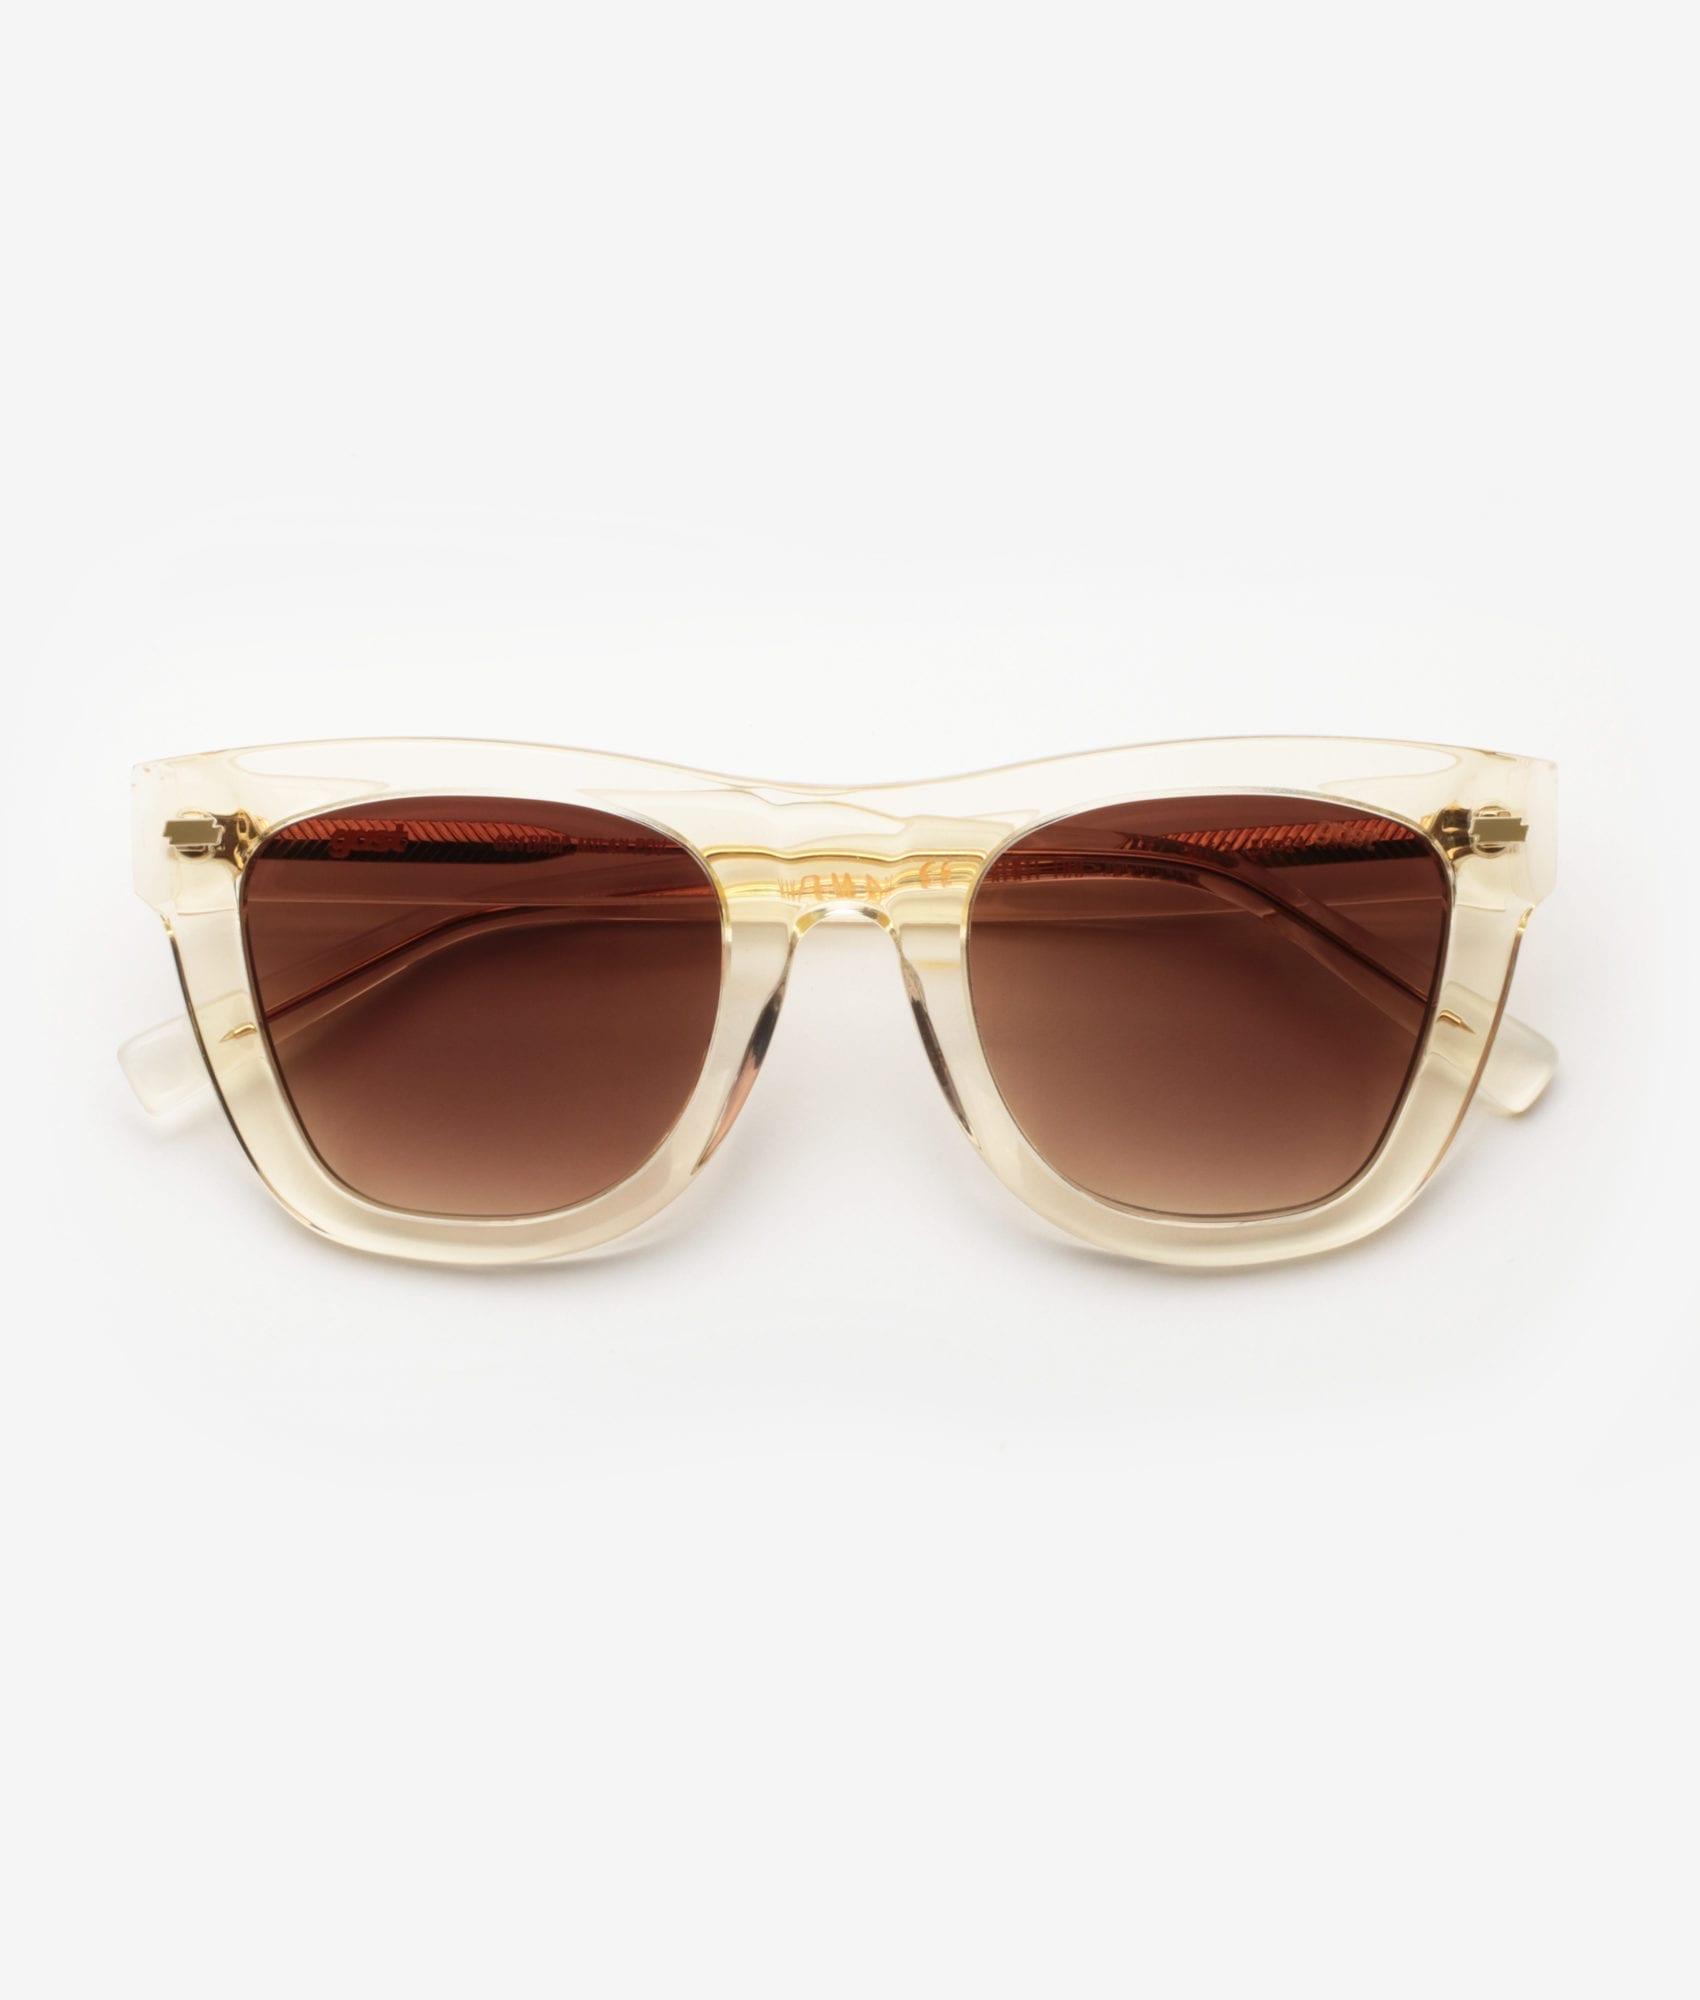 VENTI 100 Champagne Gast Sunglasses